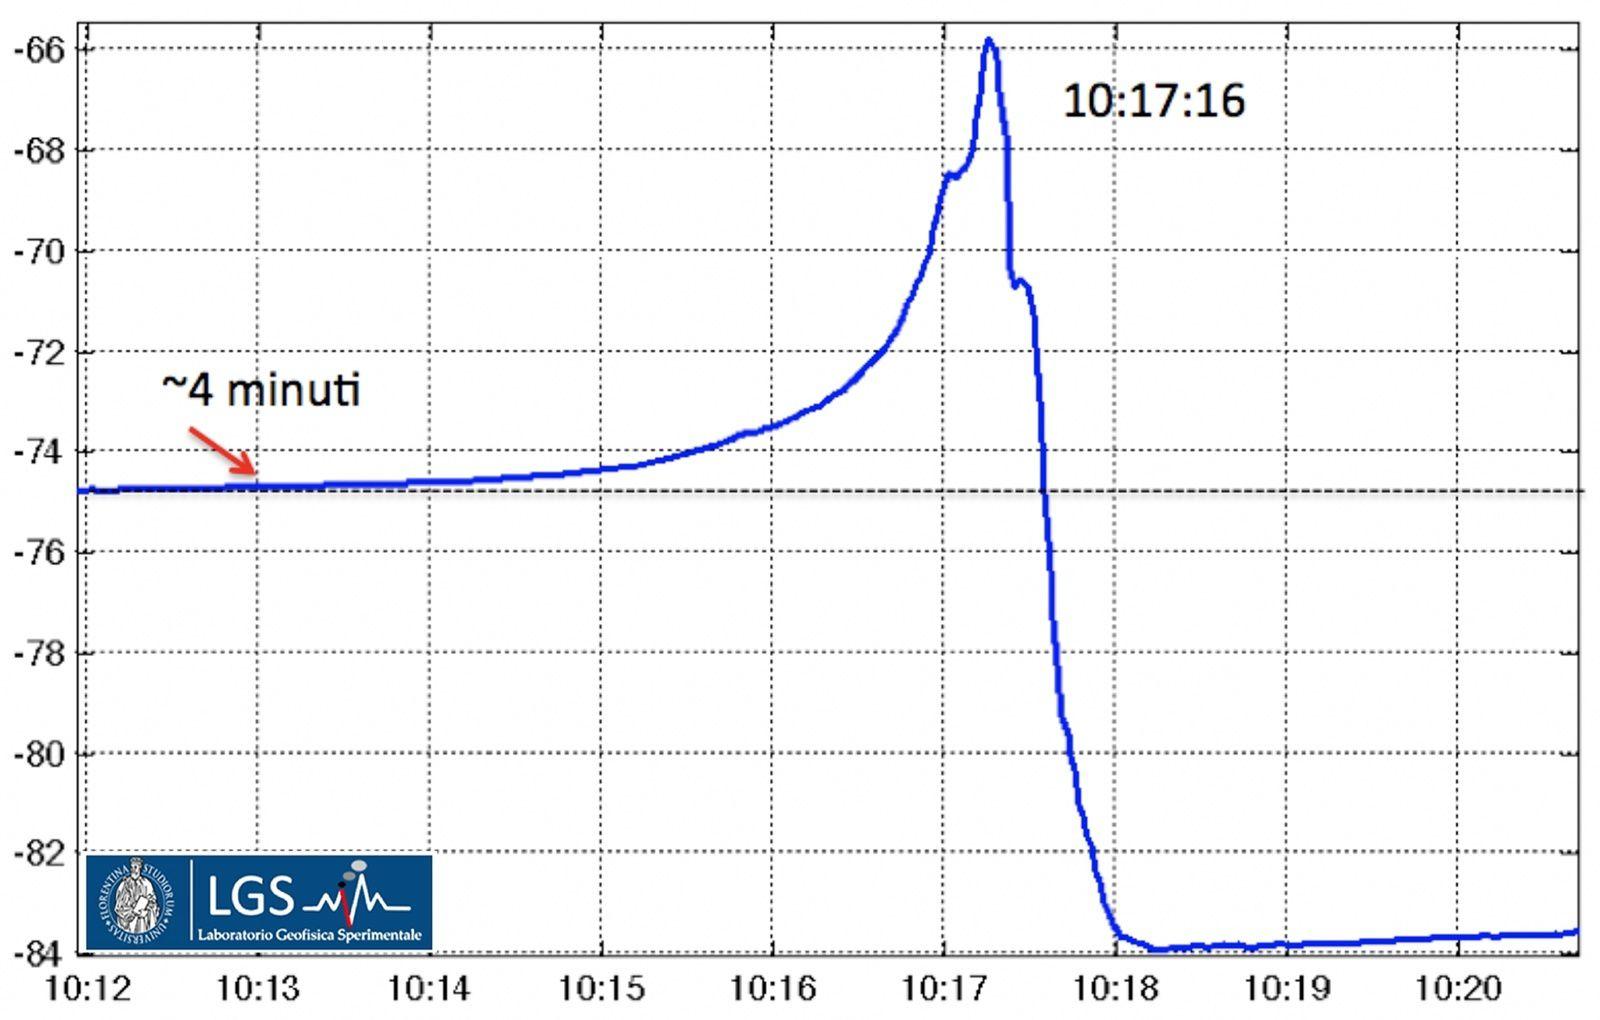 Stromboli - Inclinaison enregistrée à la station OHO le 28.08.2019  - LGS / Laboratorio di Geofisica Sperimentale dell'Università di Firenze - Dipartimento di Scienze della Terra